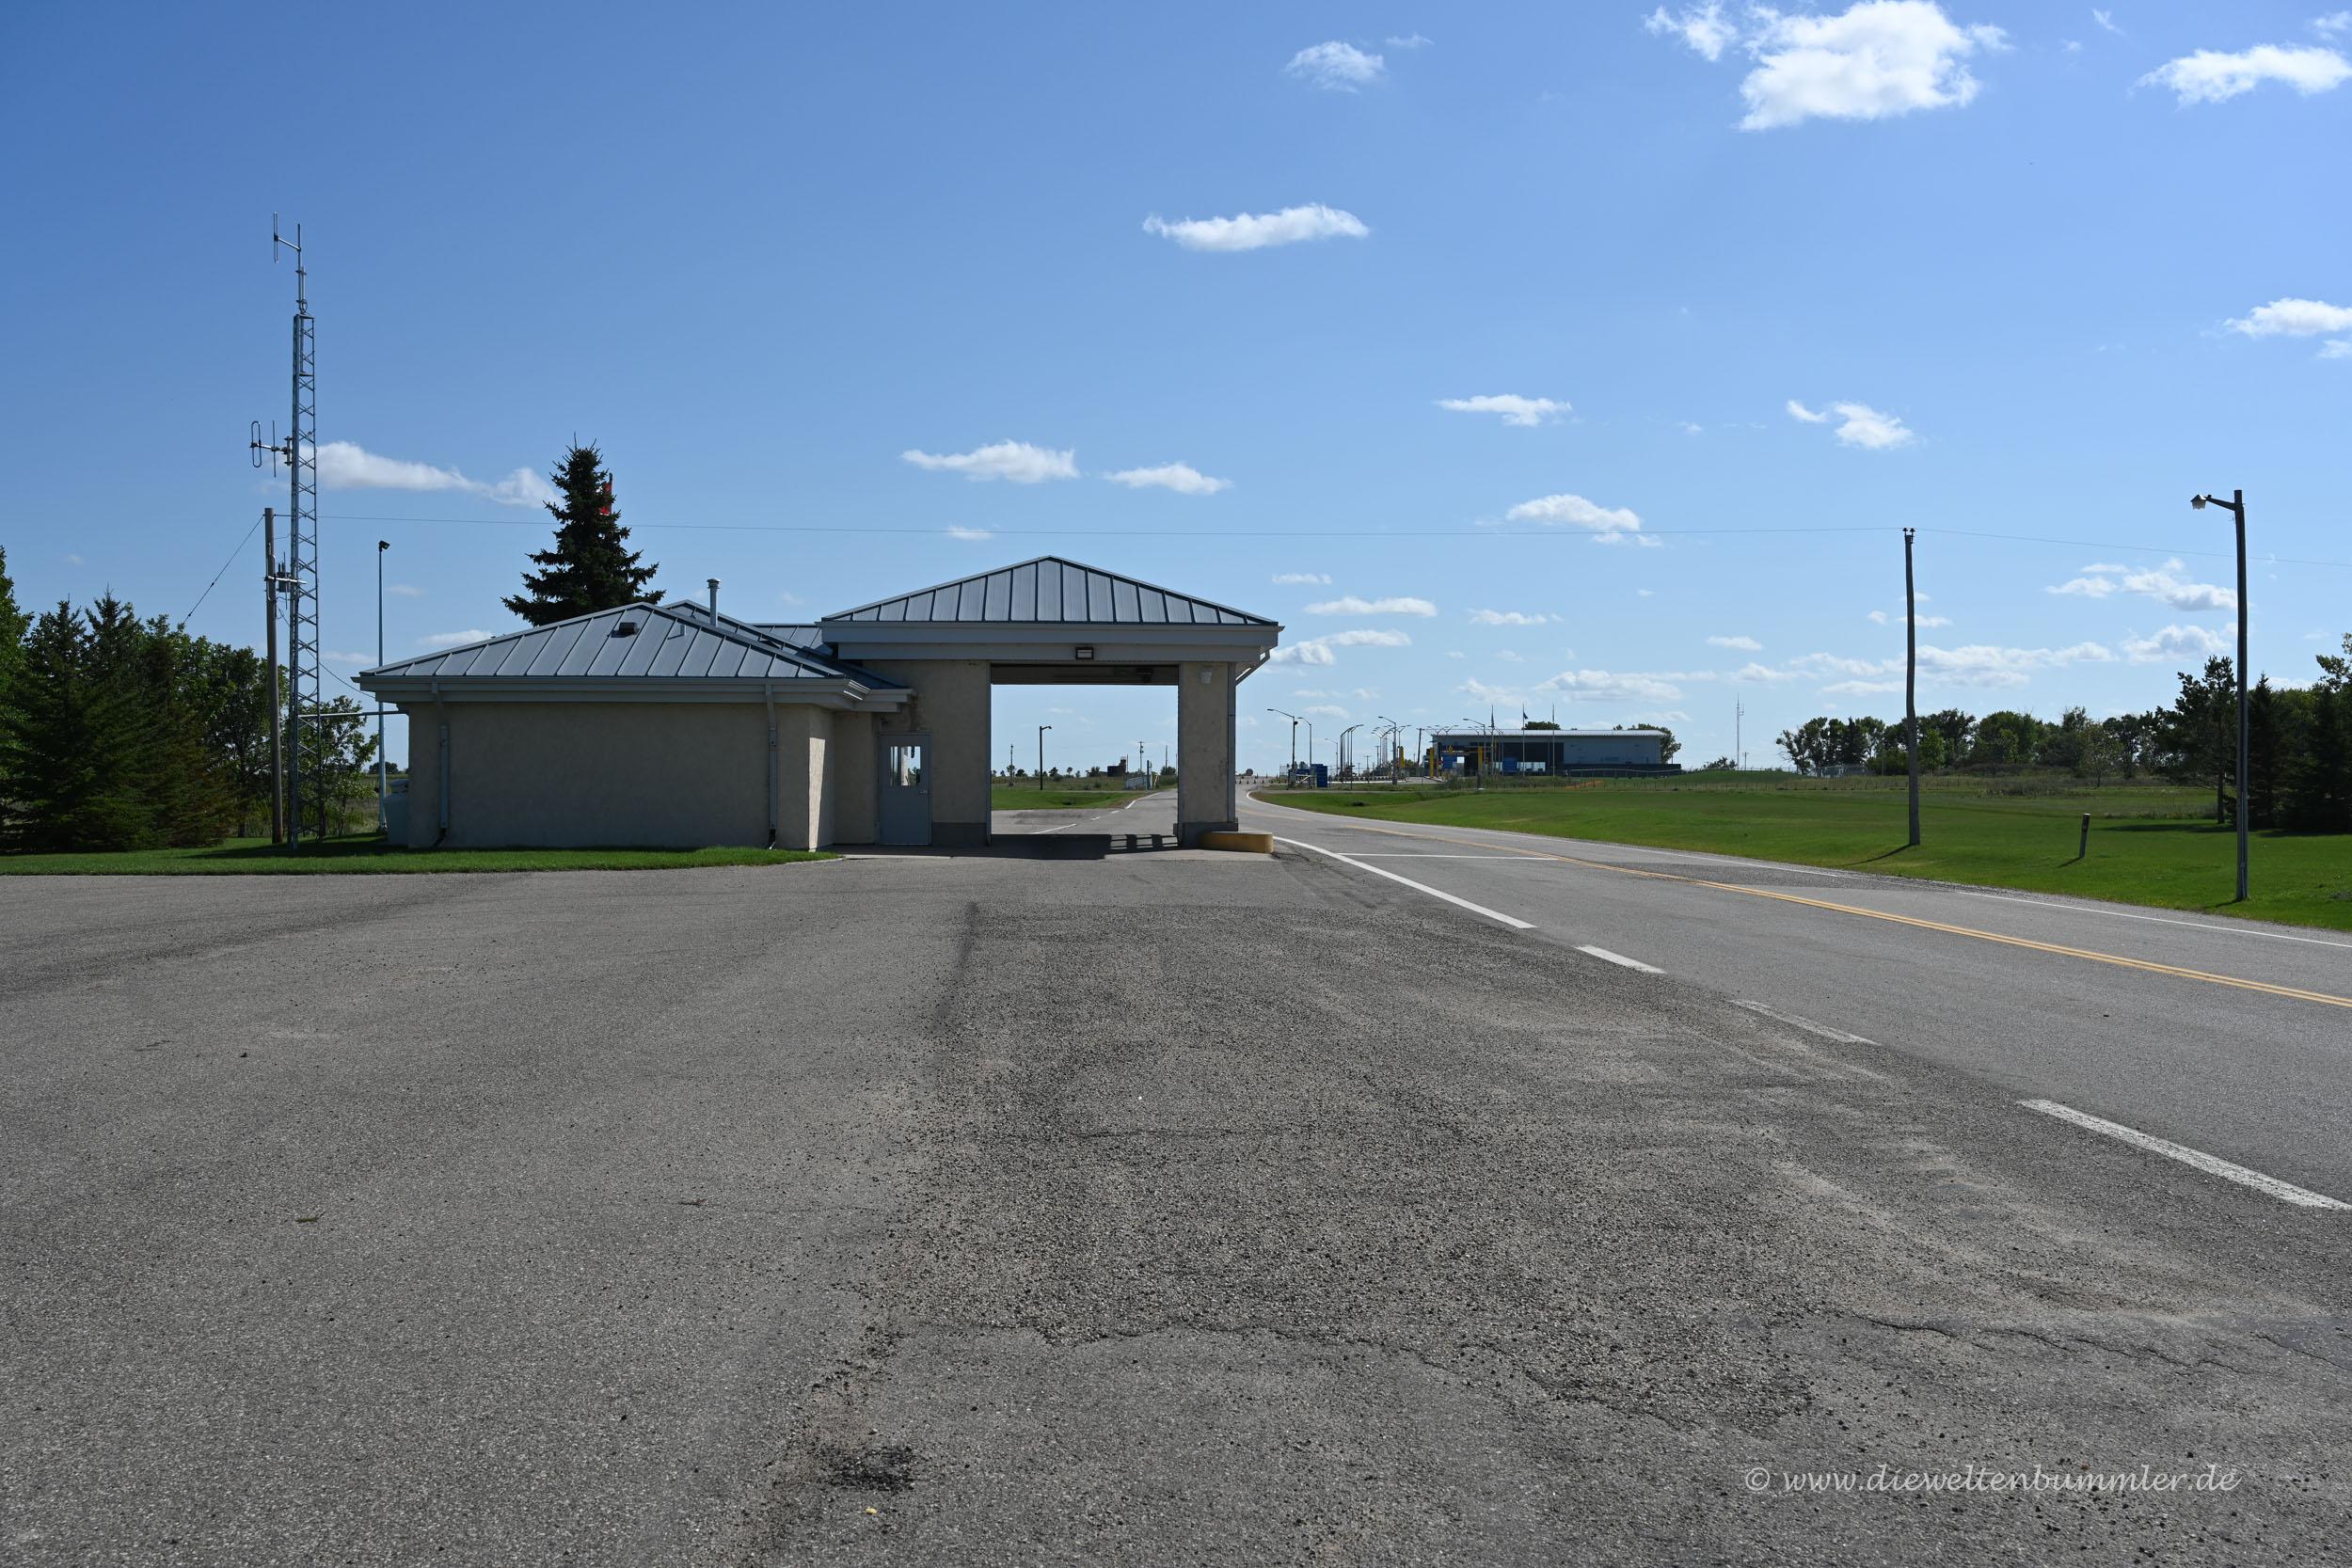 Grenze zwischen USA und Kanada